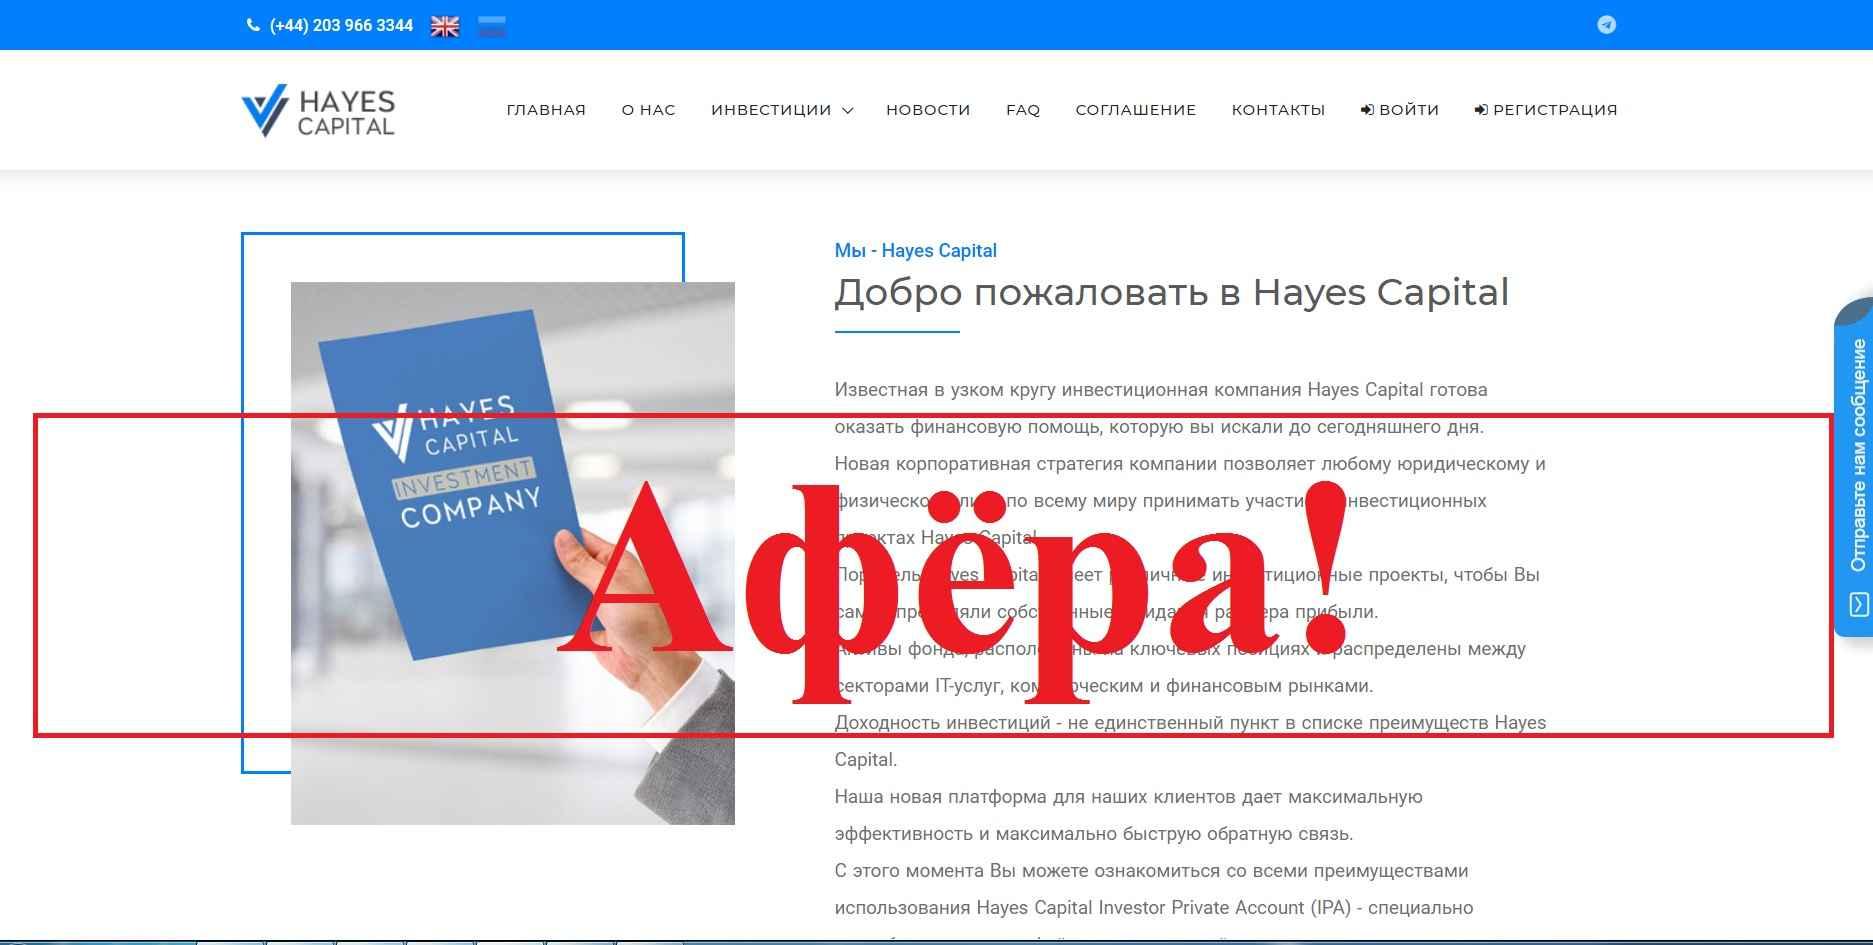 Hayes Capital – отзывы и обзор hayes.capital